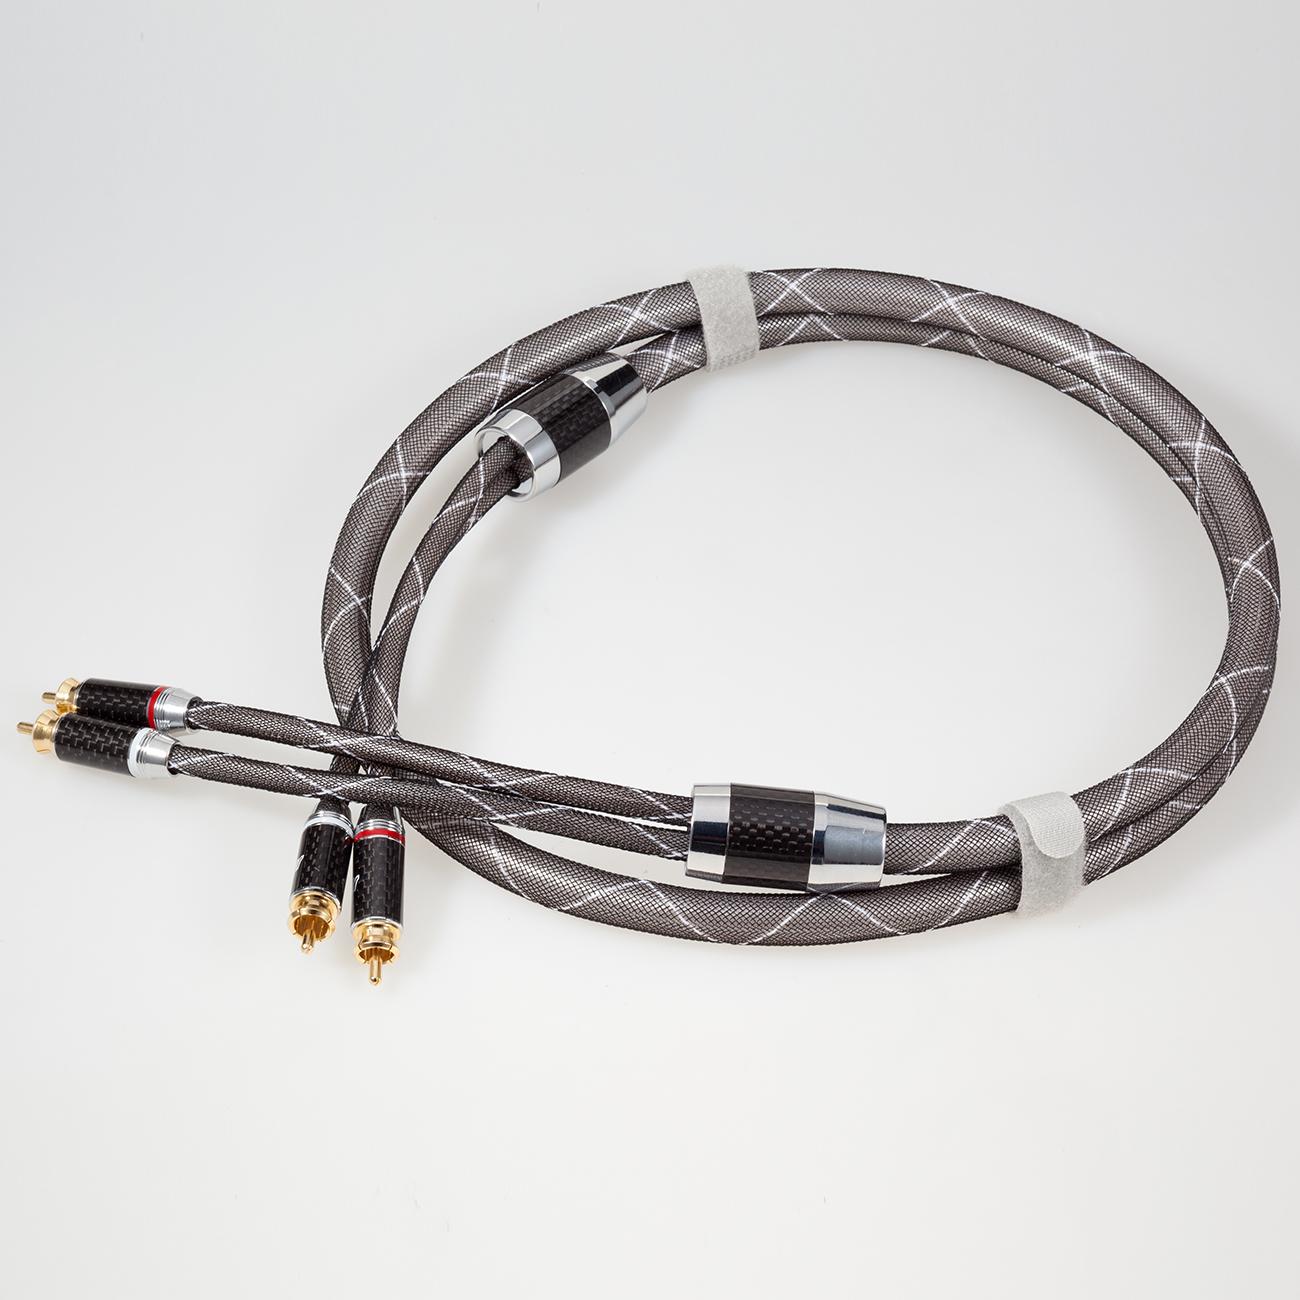 德国蟒蛇JIB HF-002 2对2莲花RCA音频线信号线CD转盘功放胆机线